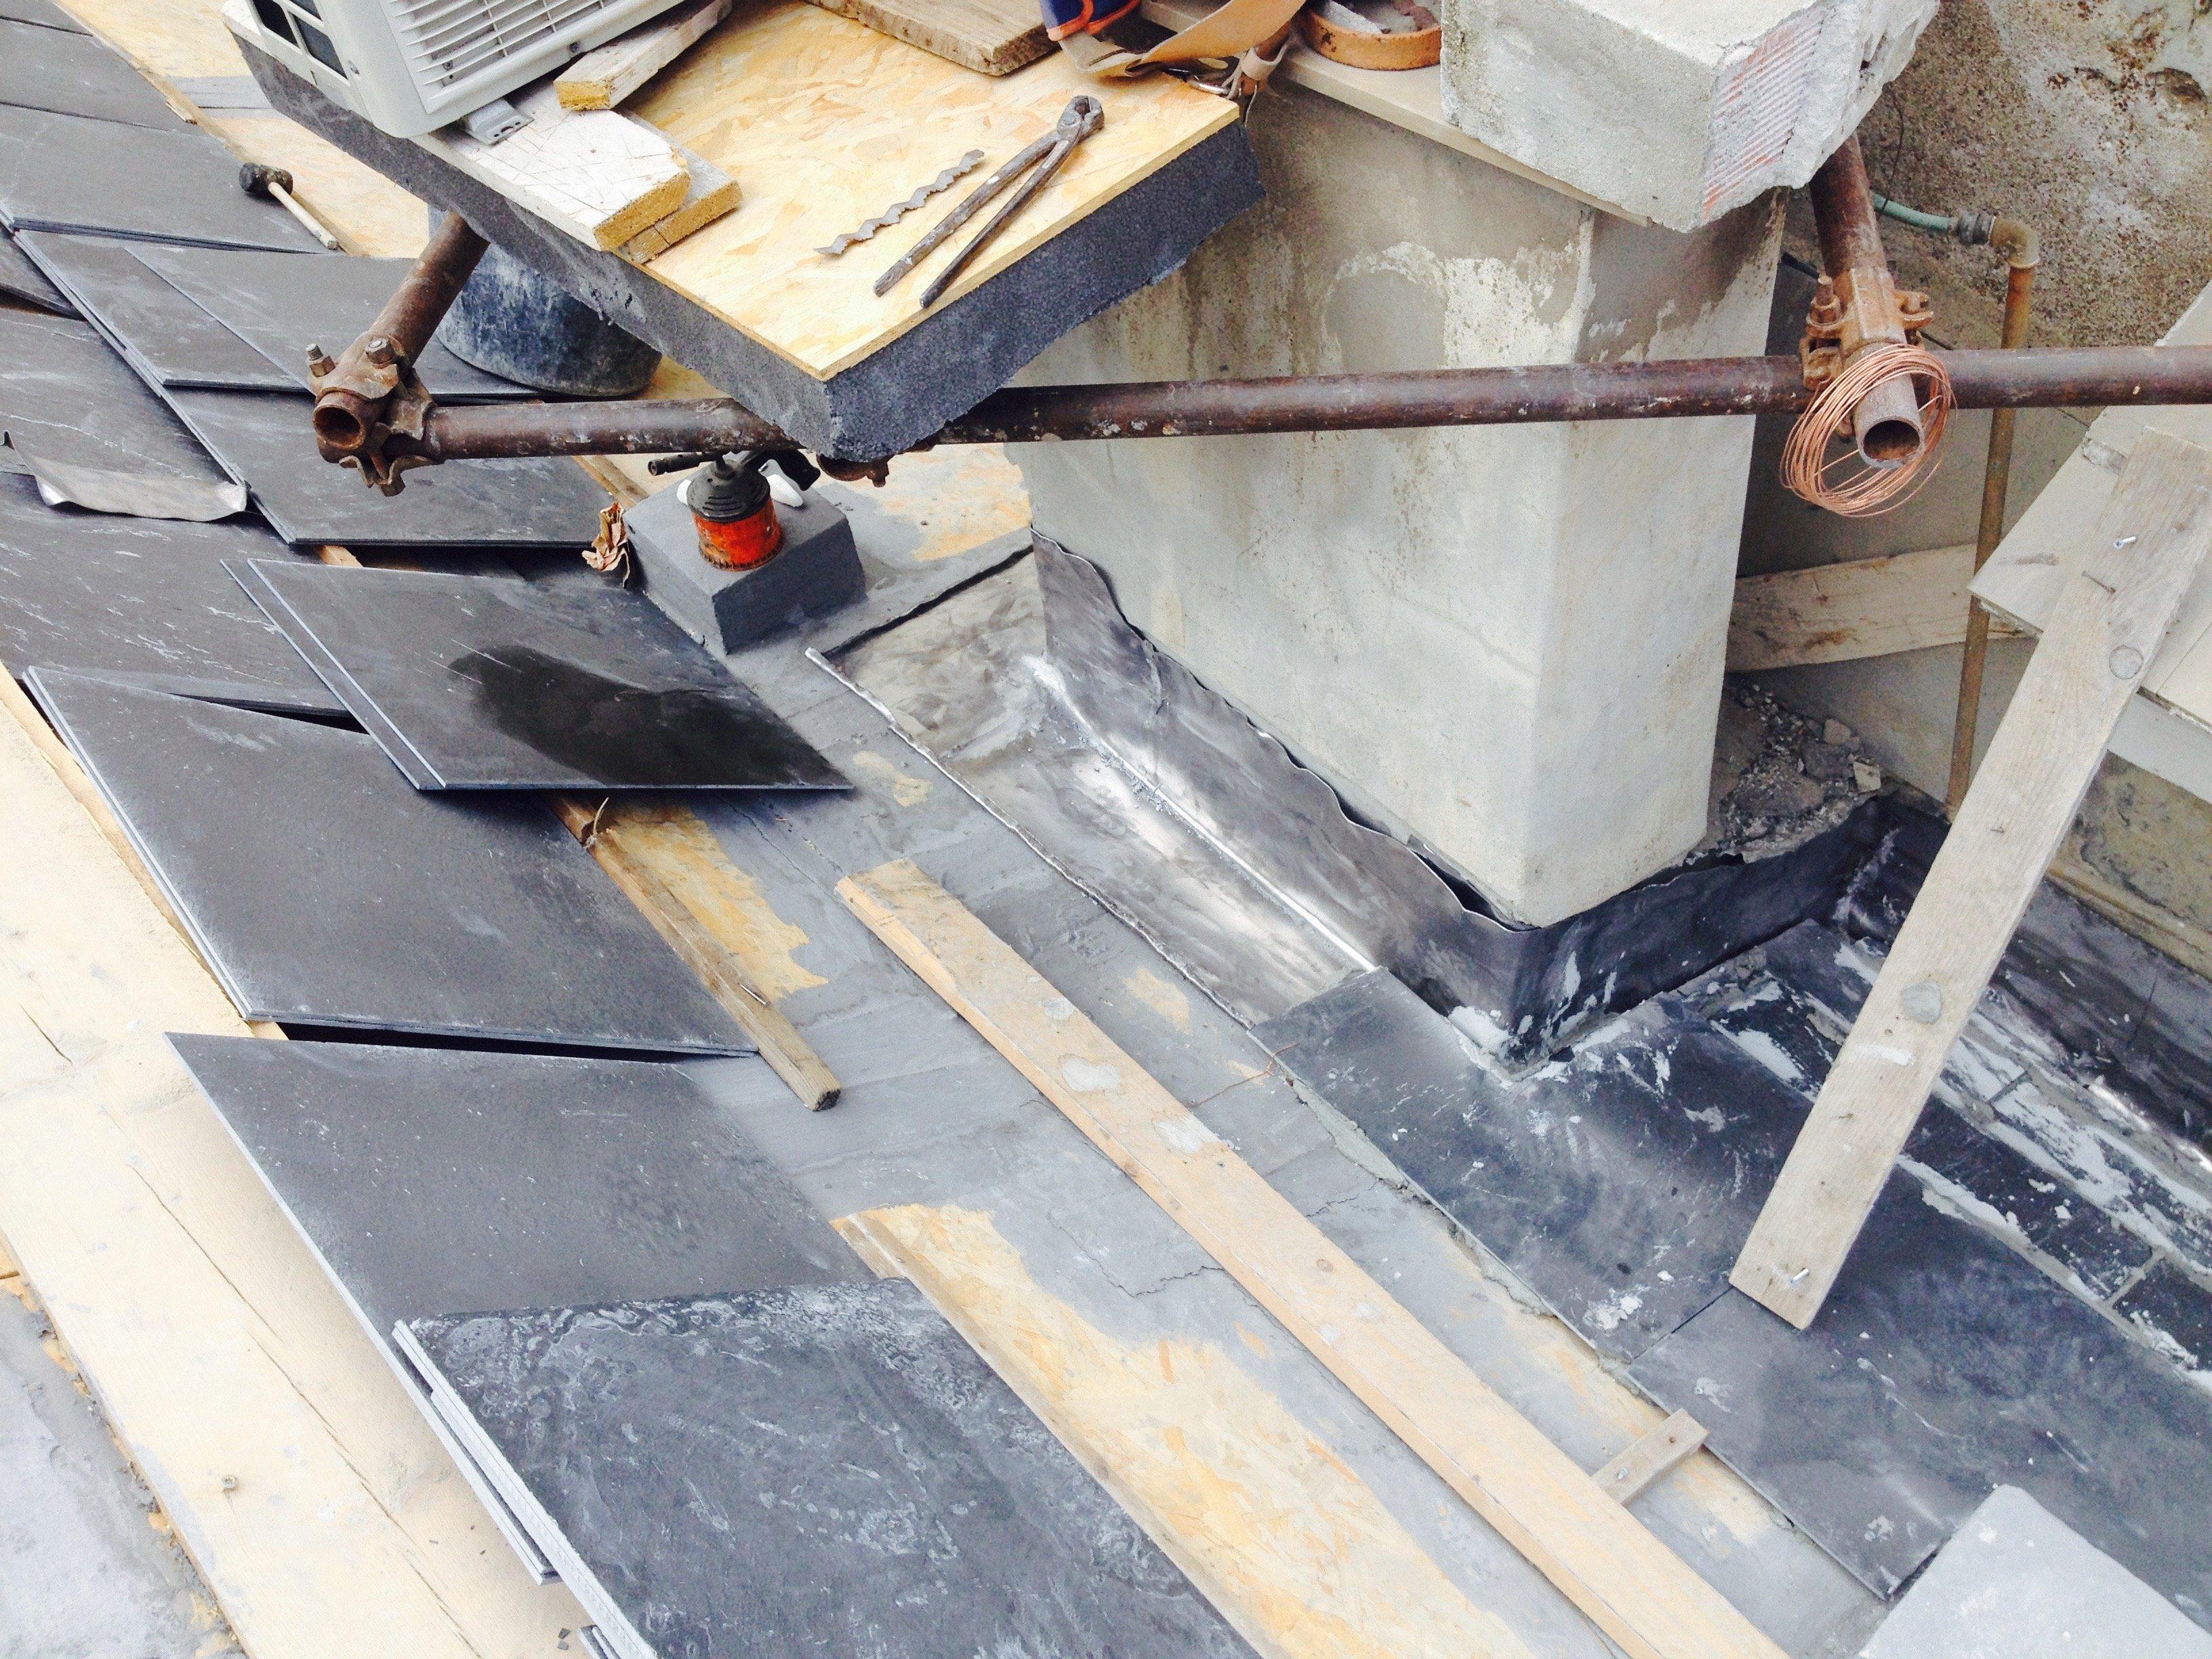 Pannelli isolanti poggiati su un tetto in fase di realizzazione